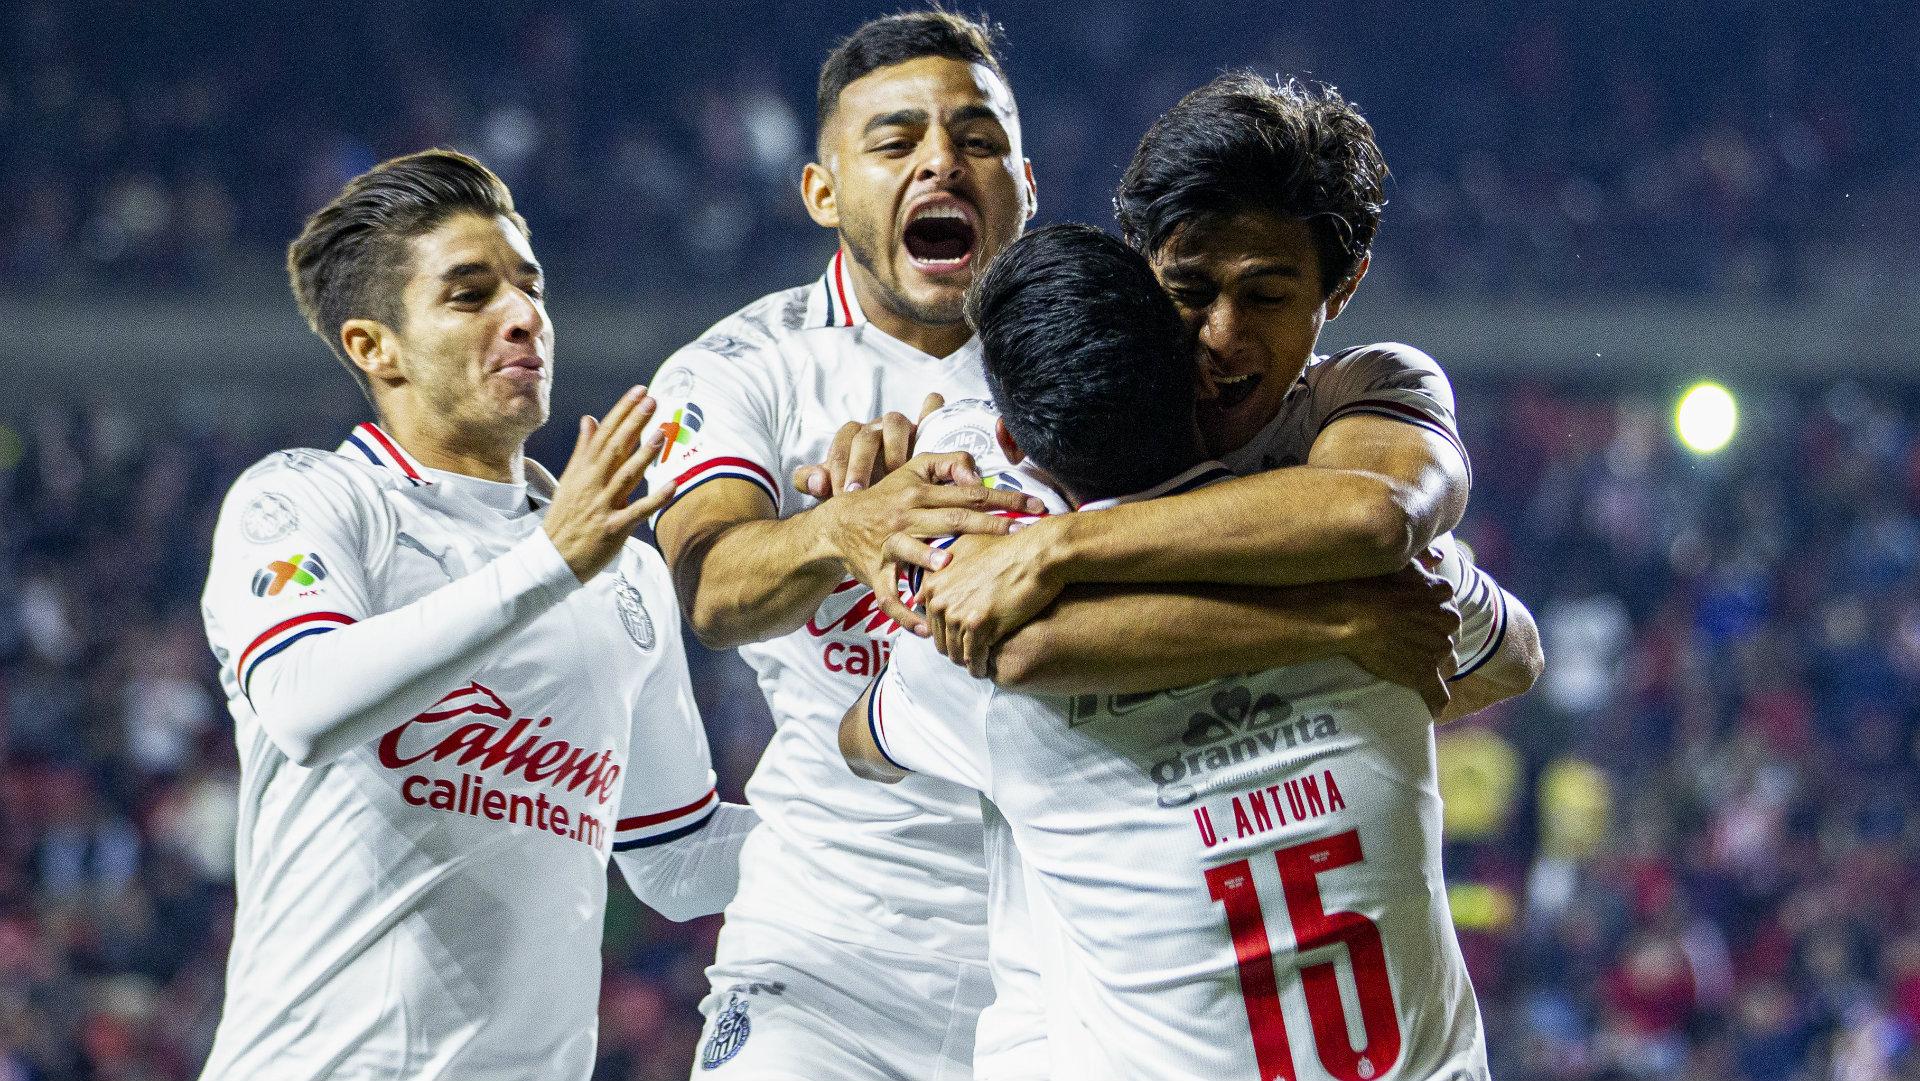 90 Minutos De Futbol En Vivo Por Internet regla 20/11 en la liga mx: ¿qué es y cuántos minutos lleva